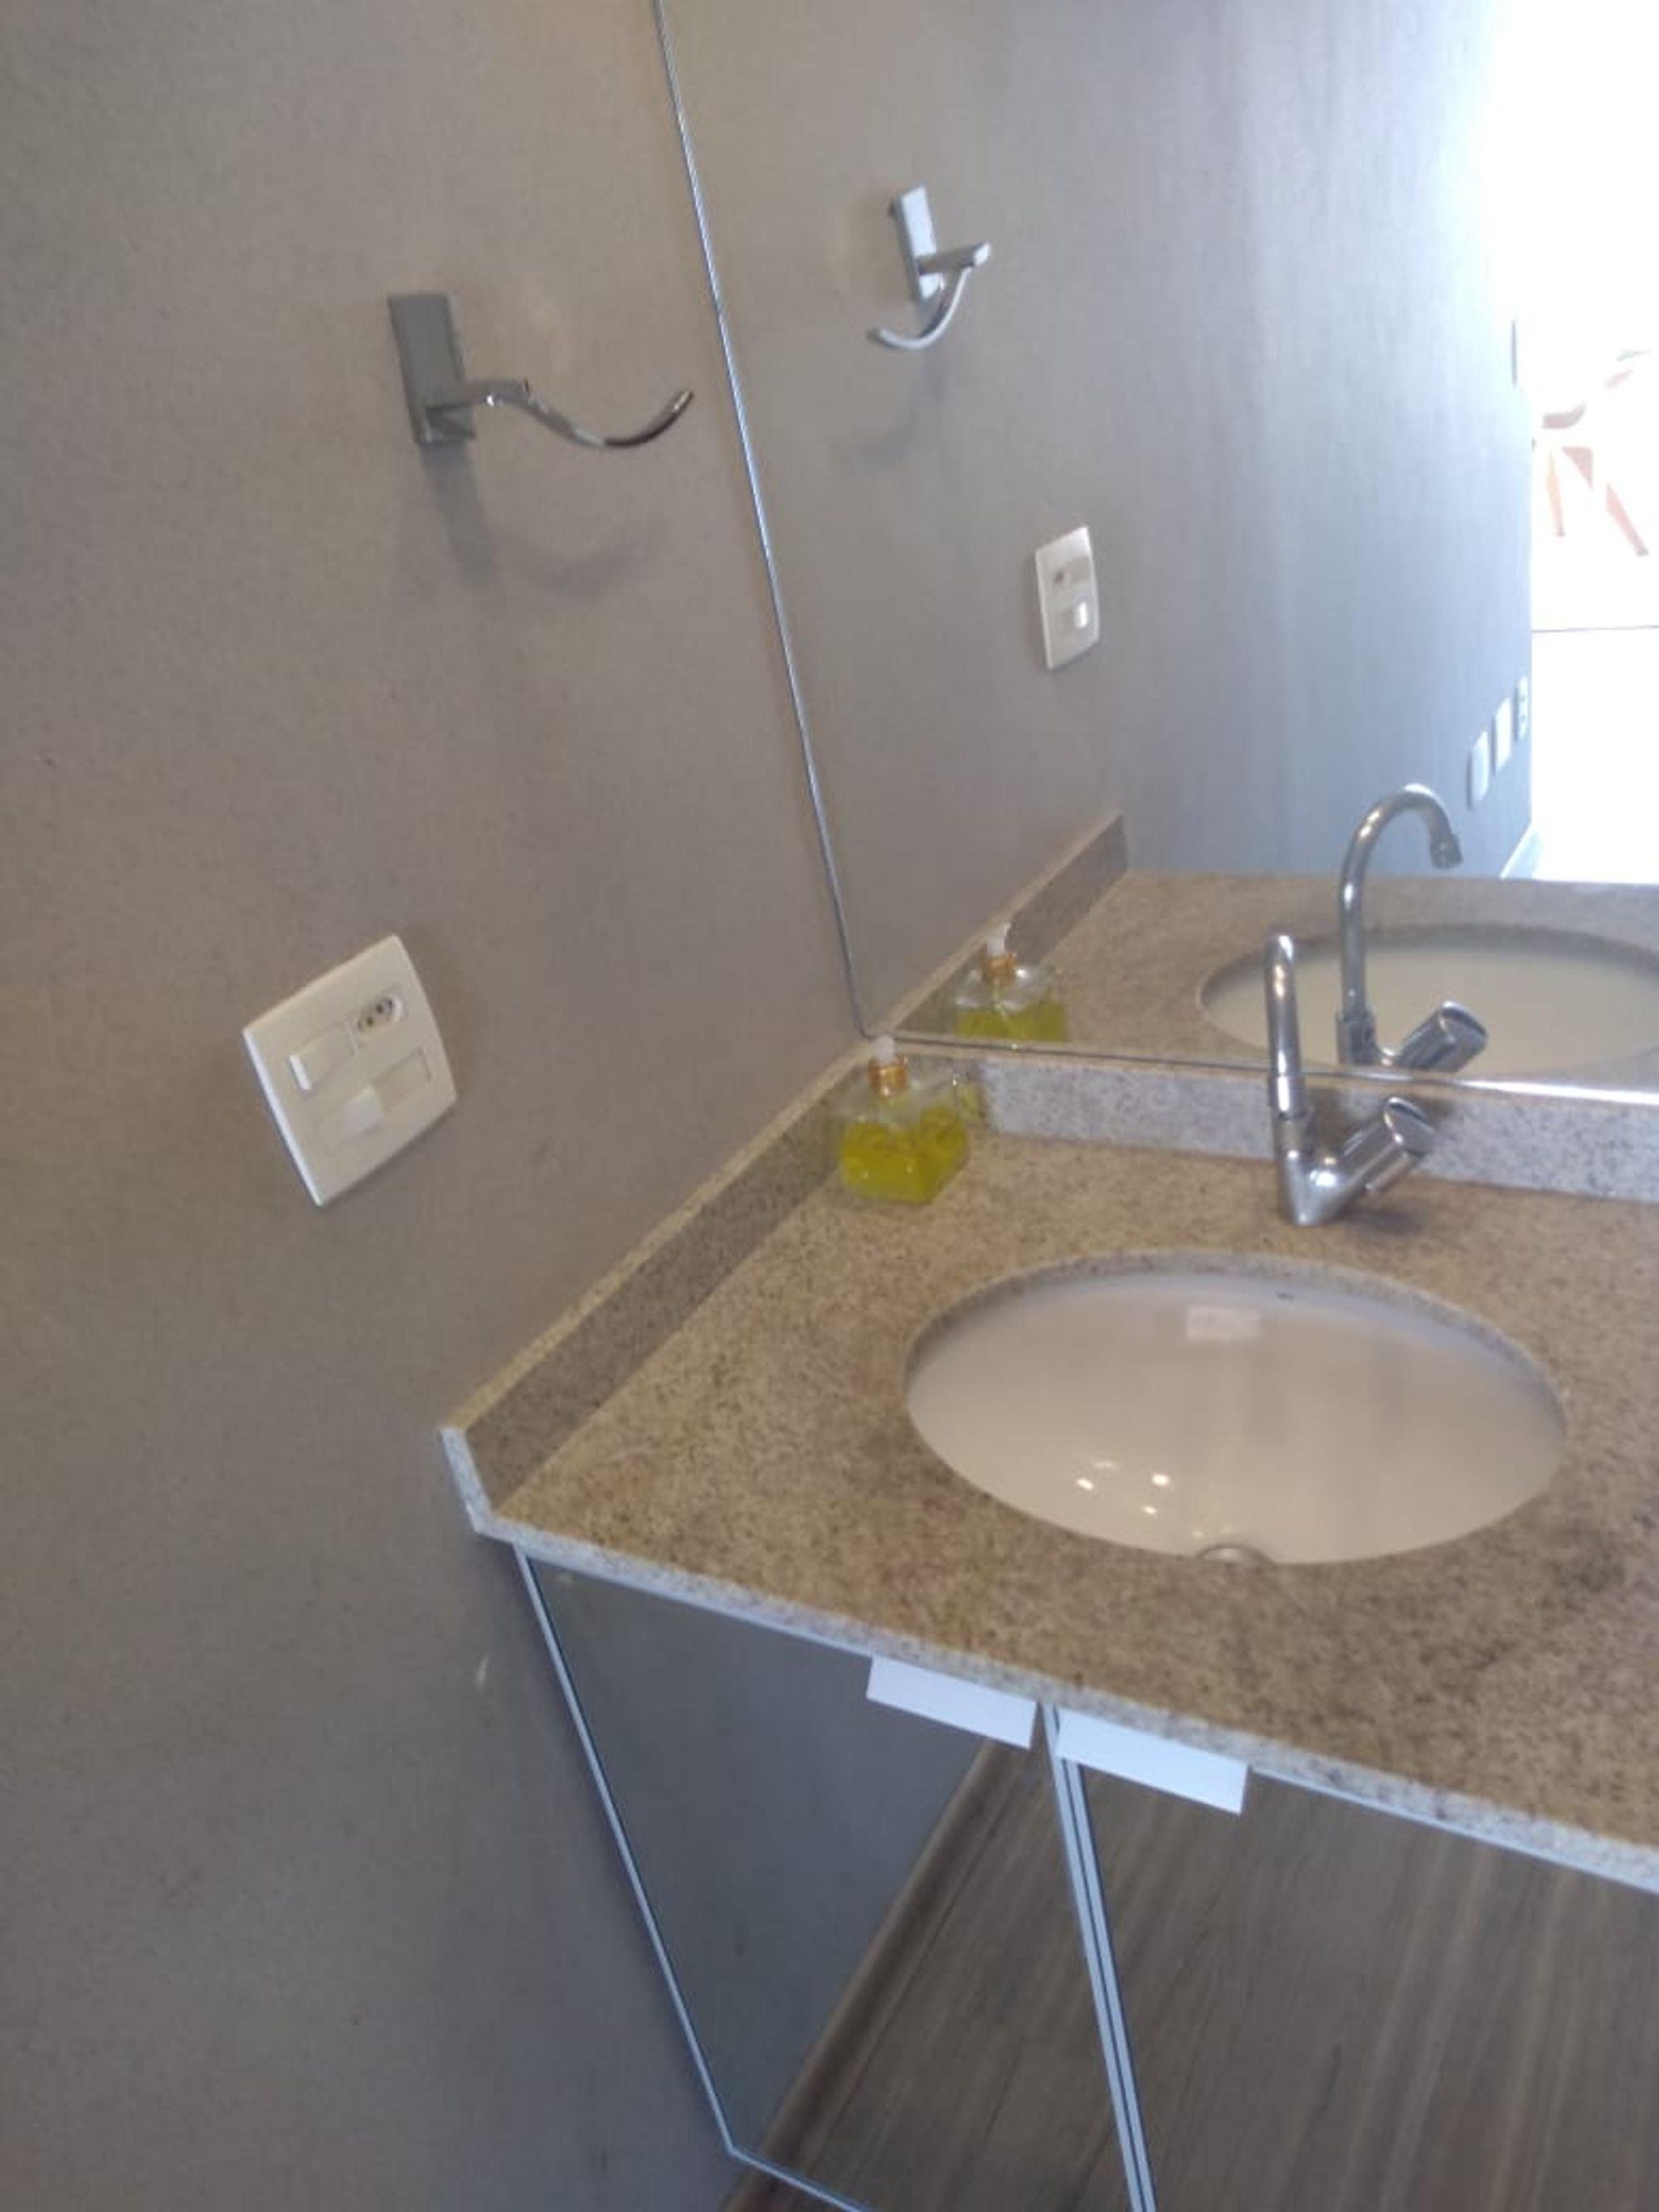 Foto de Banheiro com pia, xícara